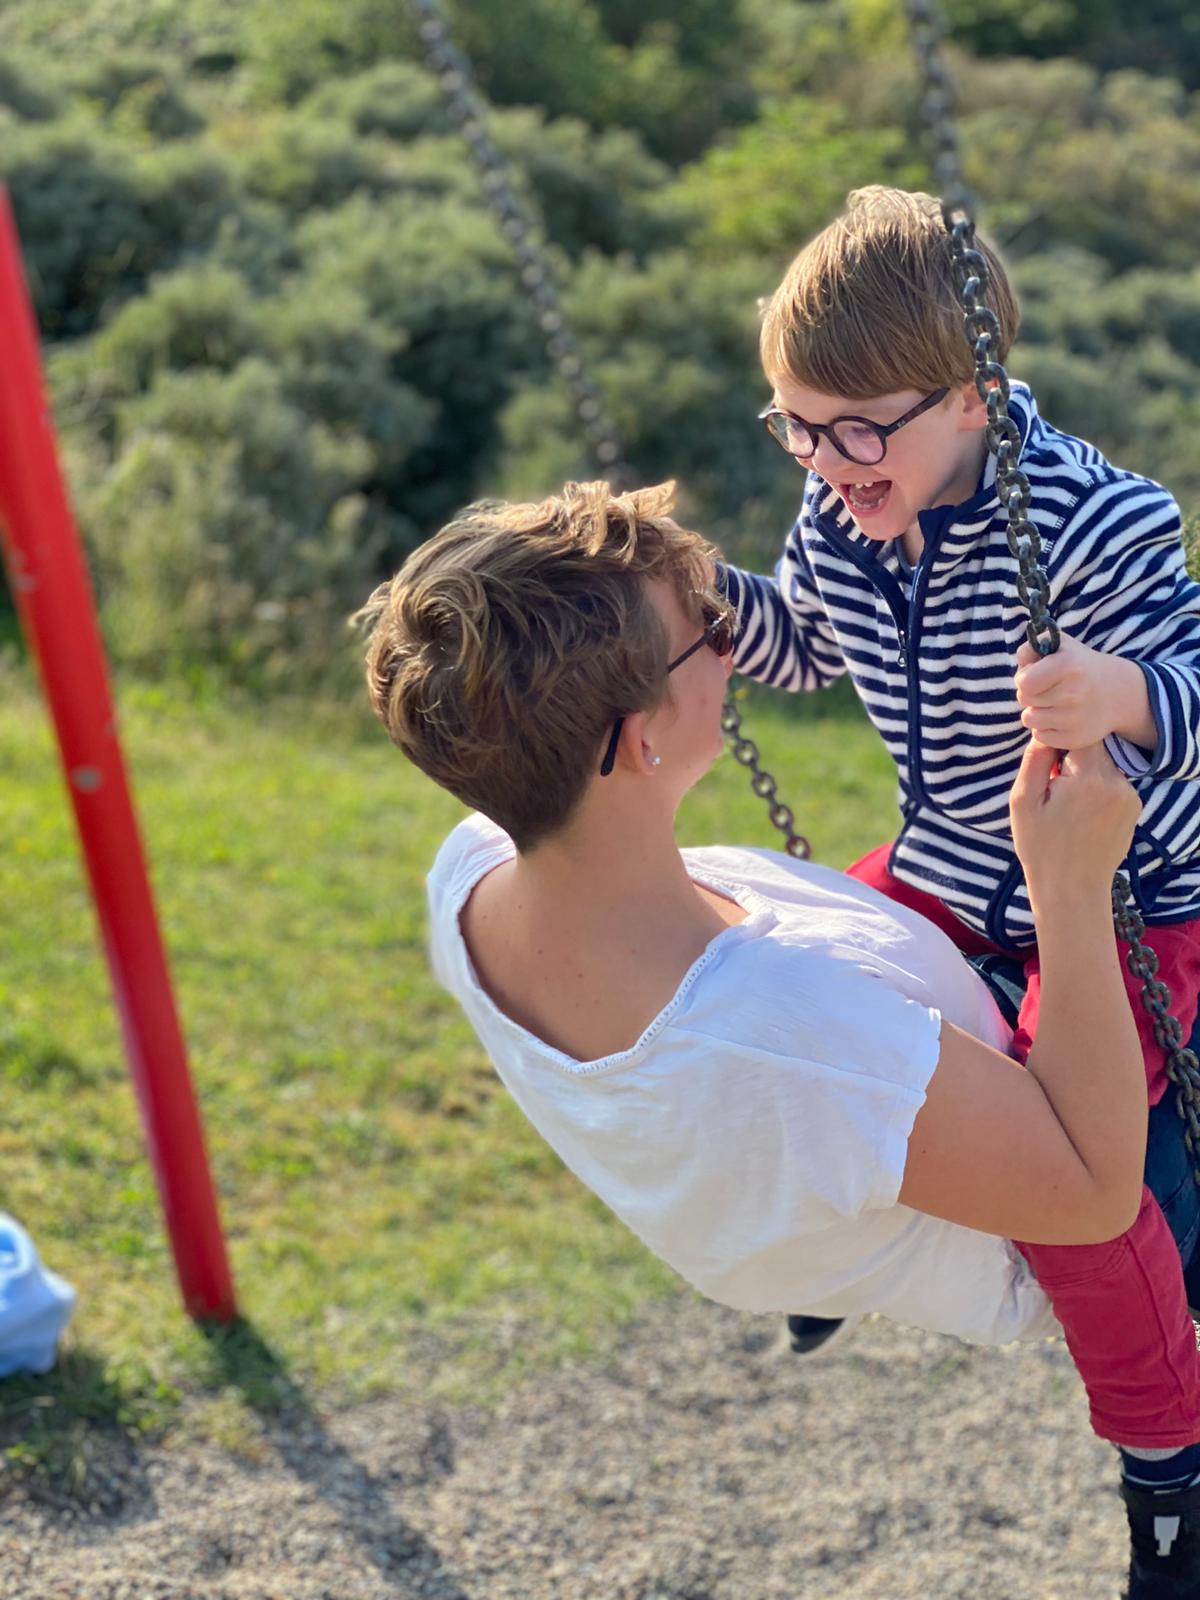 Eine Frau schaukelt mit einem begeisterten Kind auf dem Schoß.